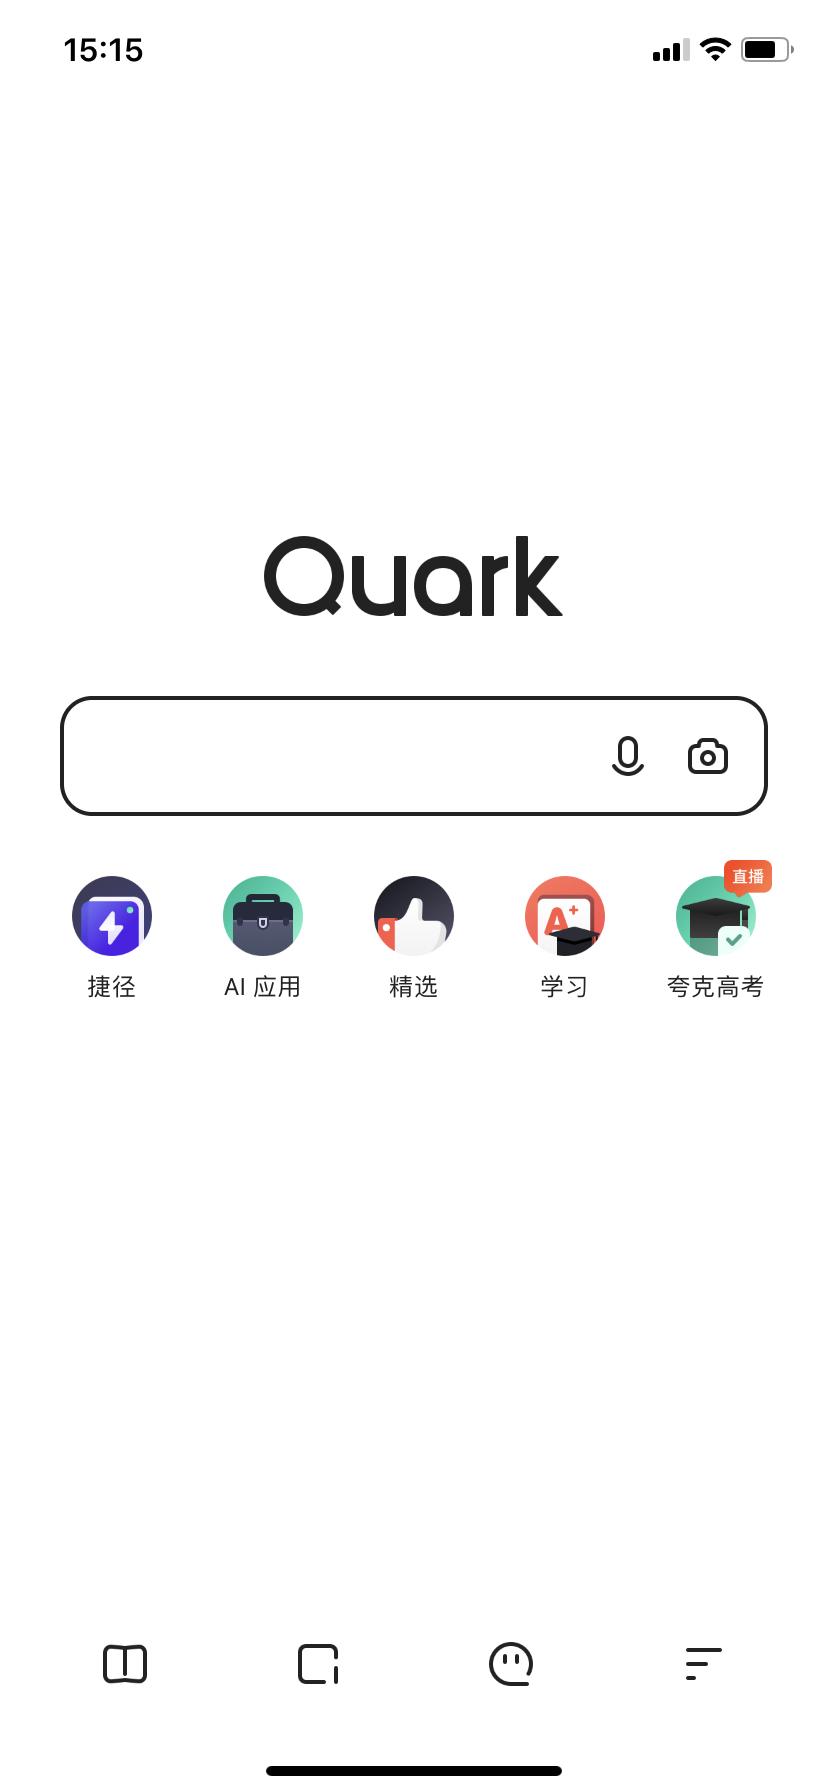 夸克高考模拟志愿怎么填?夸克填高考模拟志愿的教程